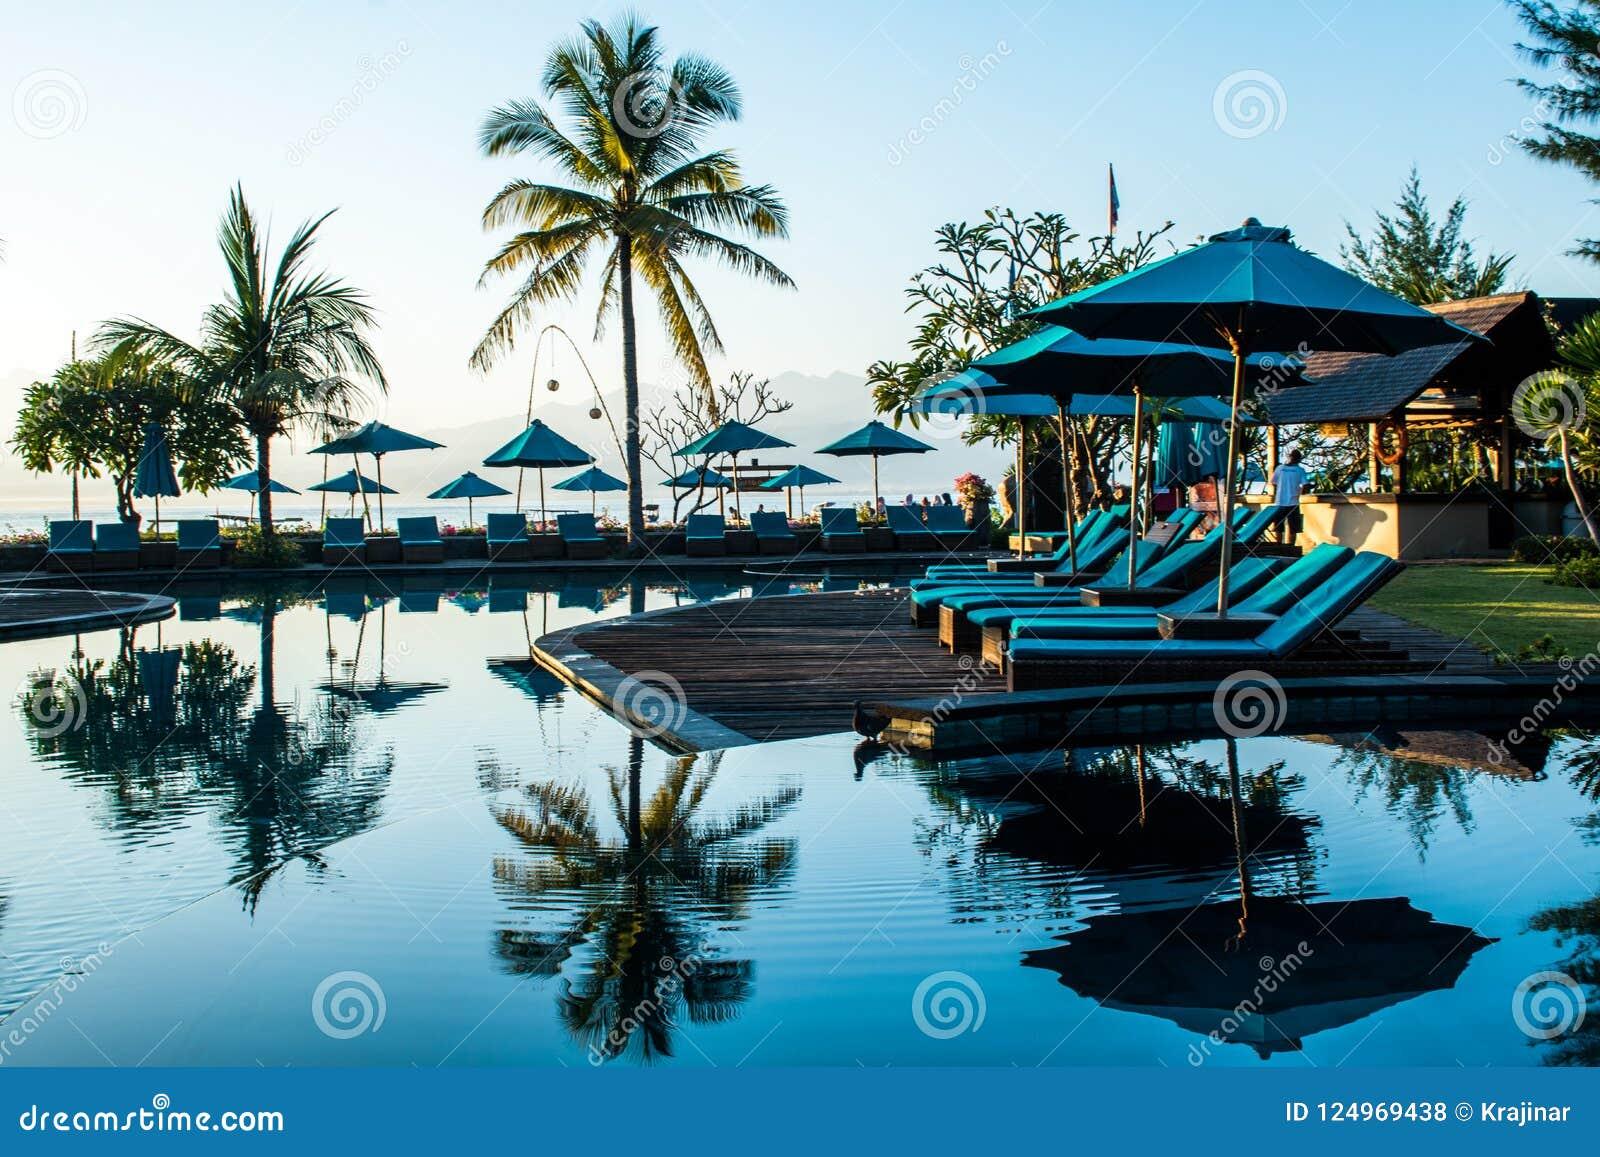 Strand sunbeds dichtbij zwembad in tropische toevlucht met palmen tijdens zonsondergang, Gili Trawangan, Lombok, Indonesië